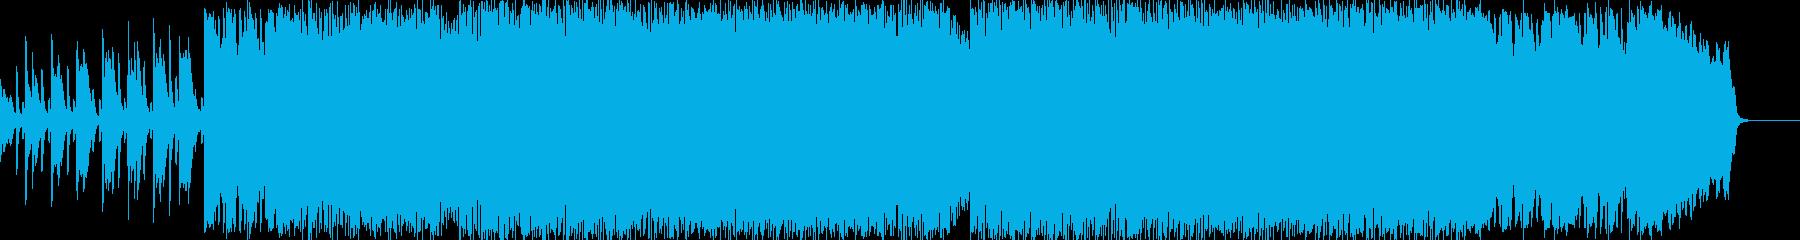 エレクトロニカ・ロックの再生済みの波形